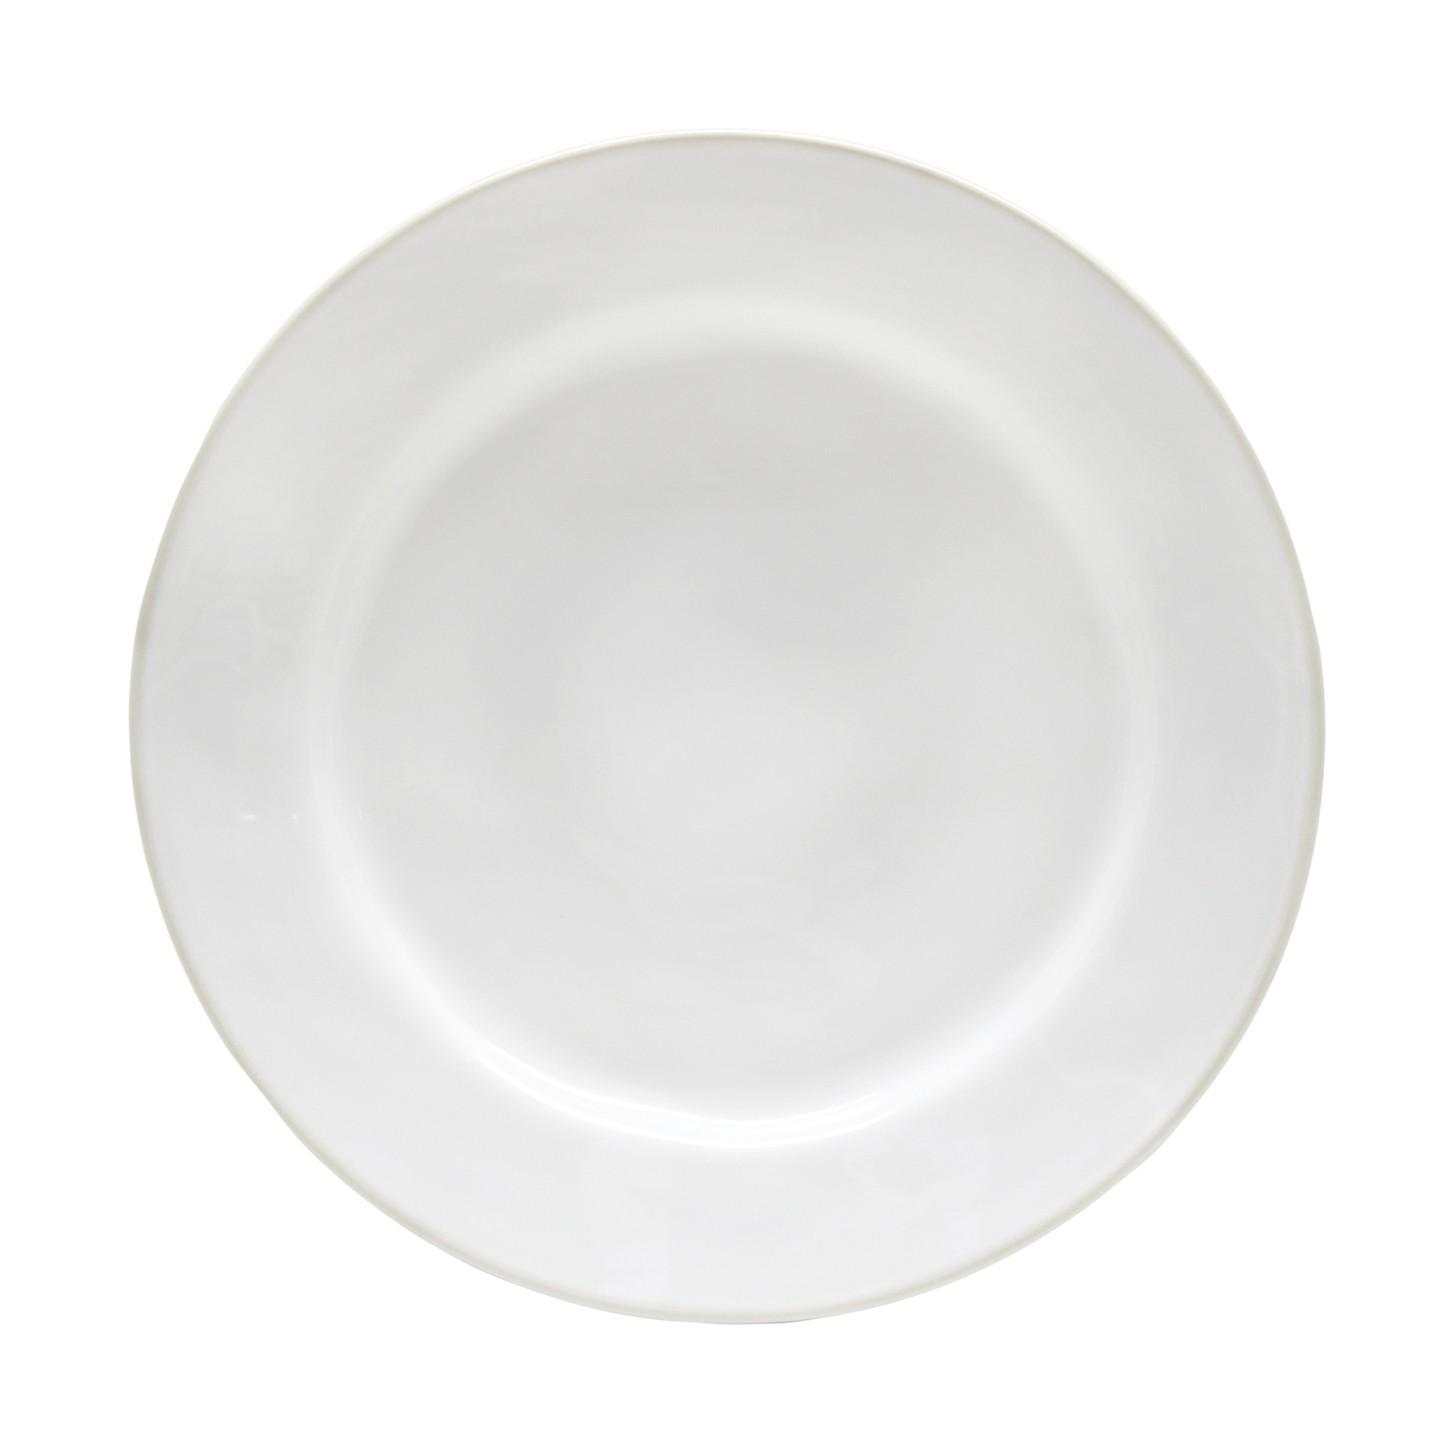 COSTA NOVA Talíř Astoria bílý 28cm